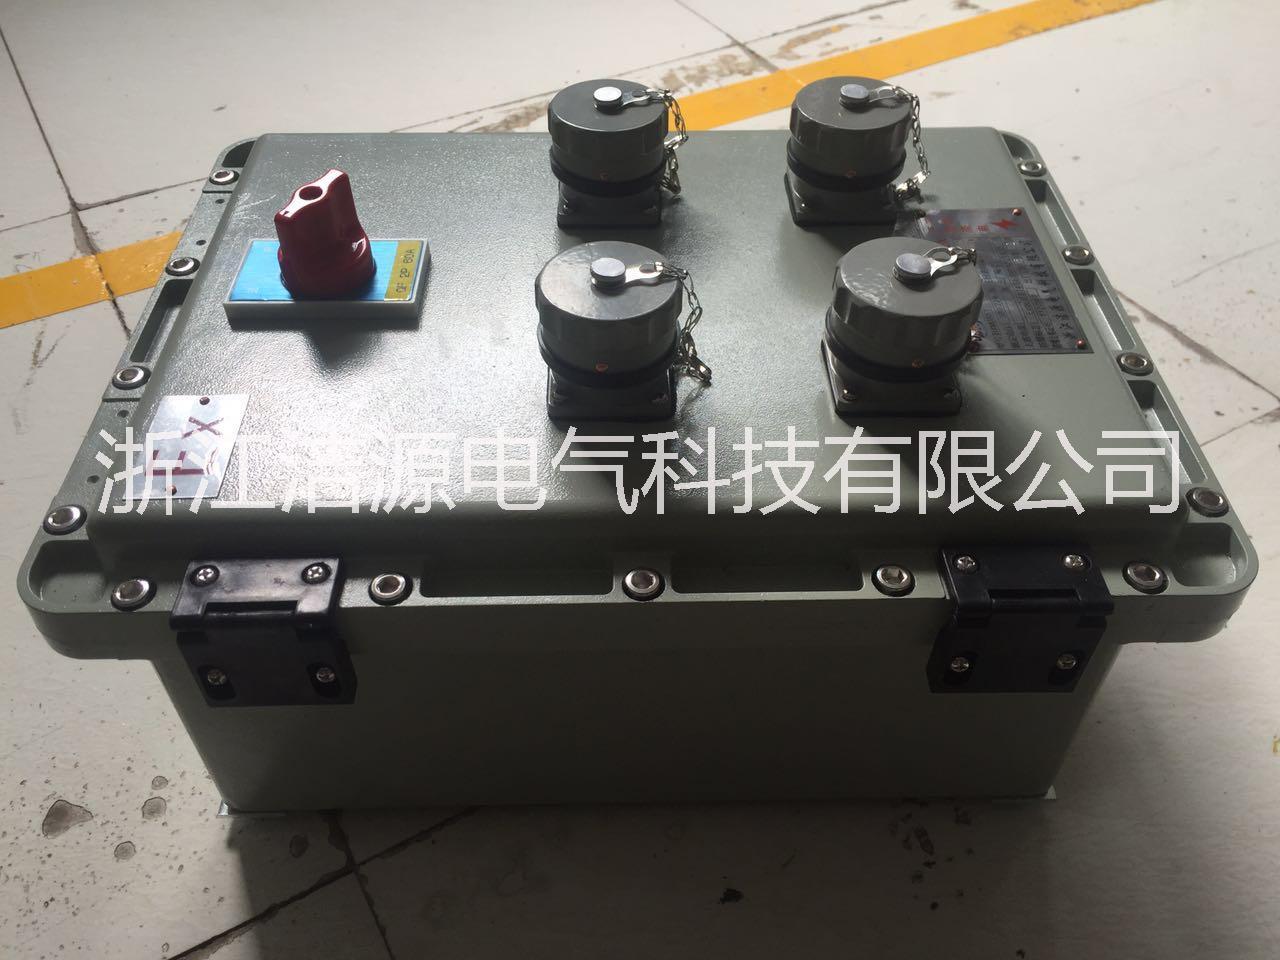 检修电源插座图片/检修电源插座样板图 (2)